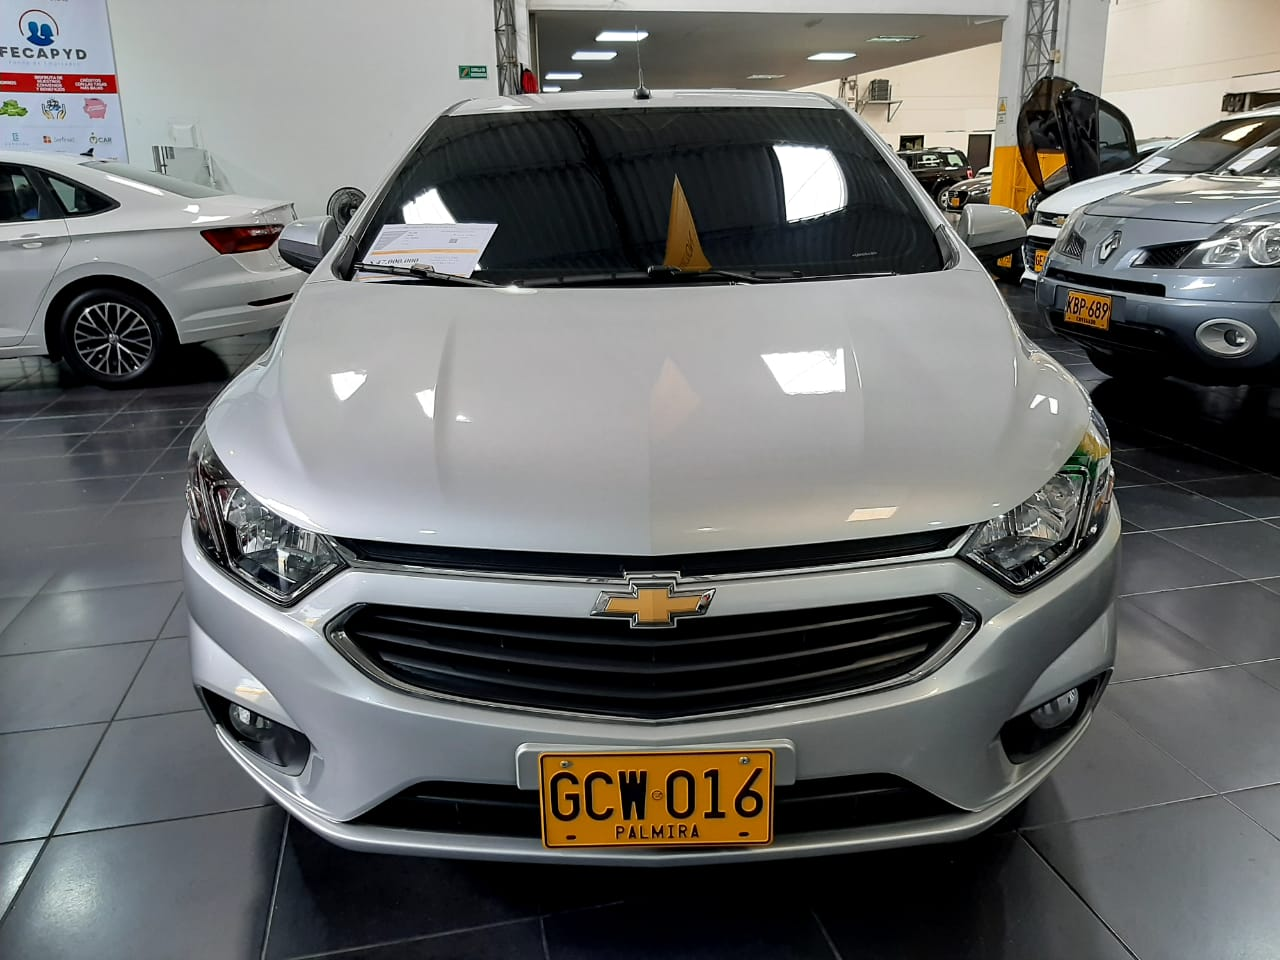 Chevrolet-Onix-01420874-1